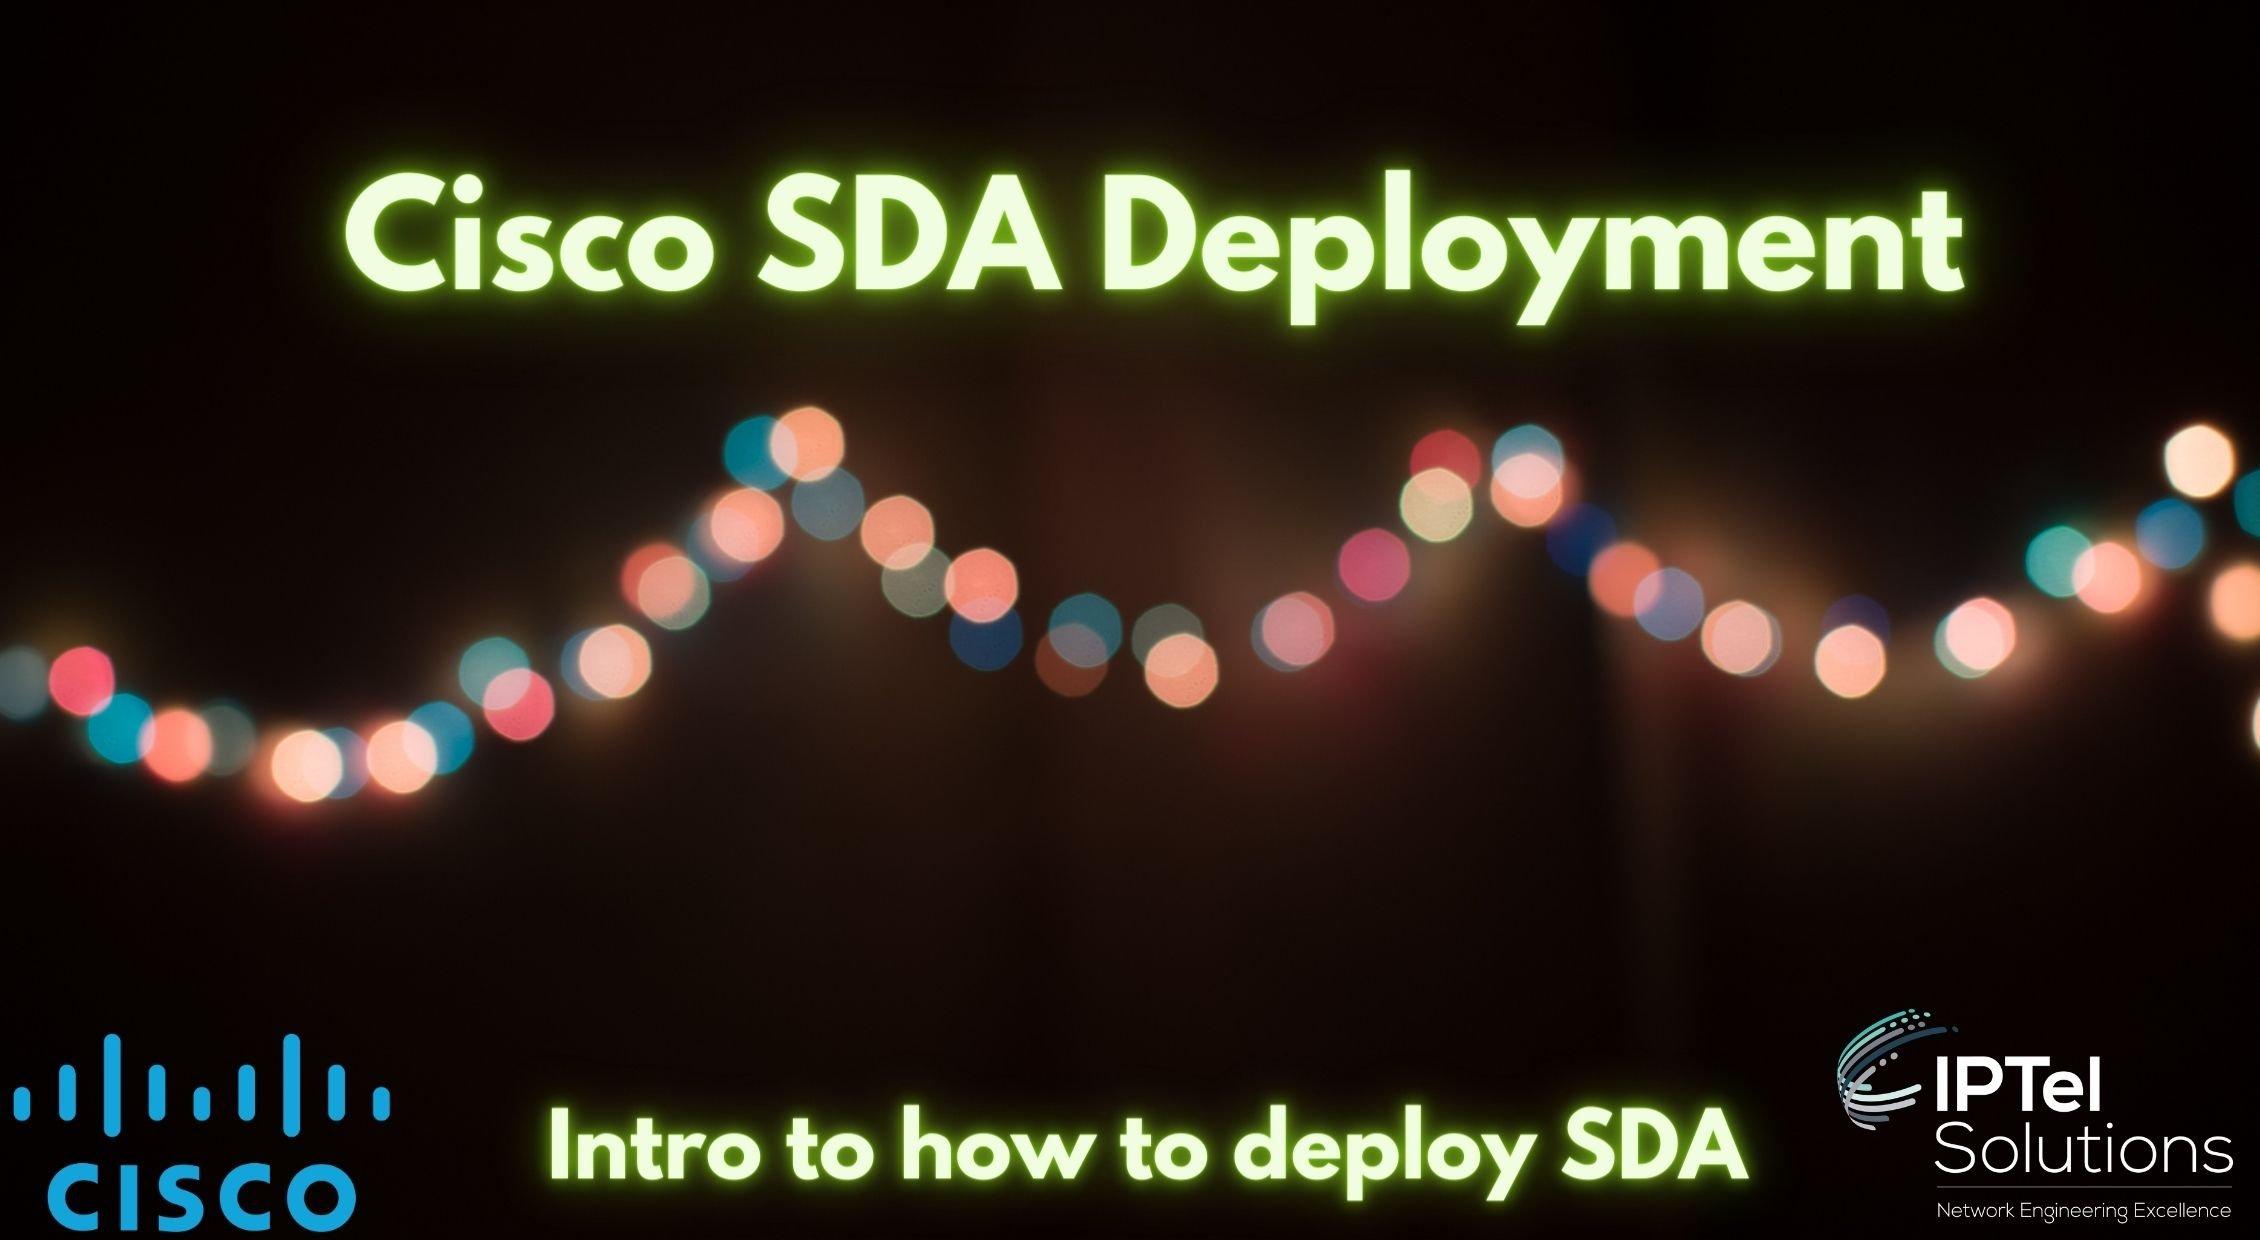 Cisco SDA Deployment